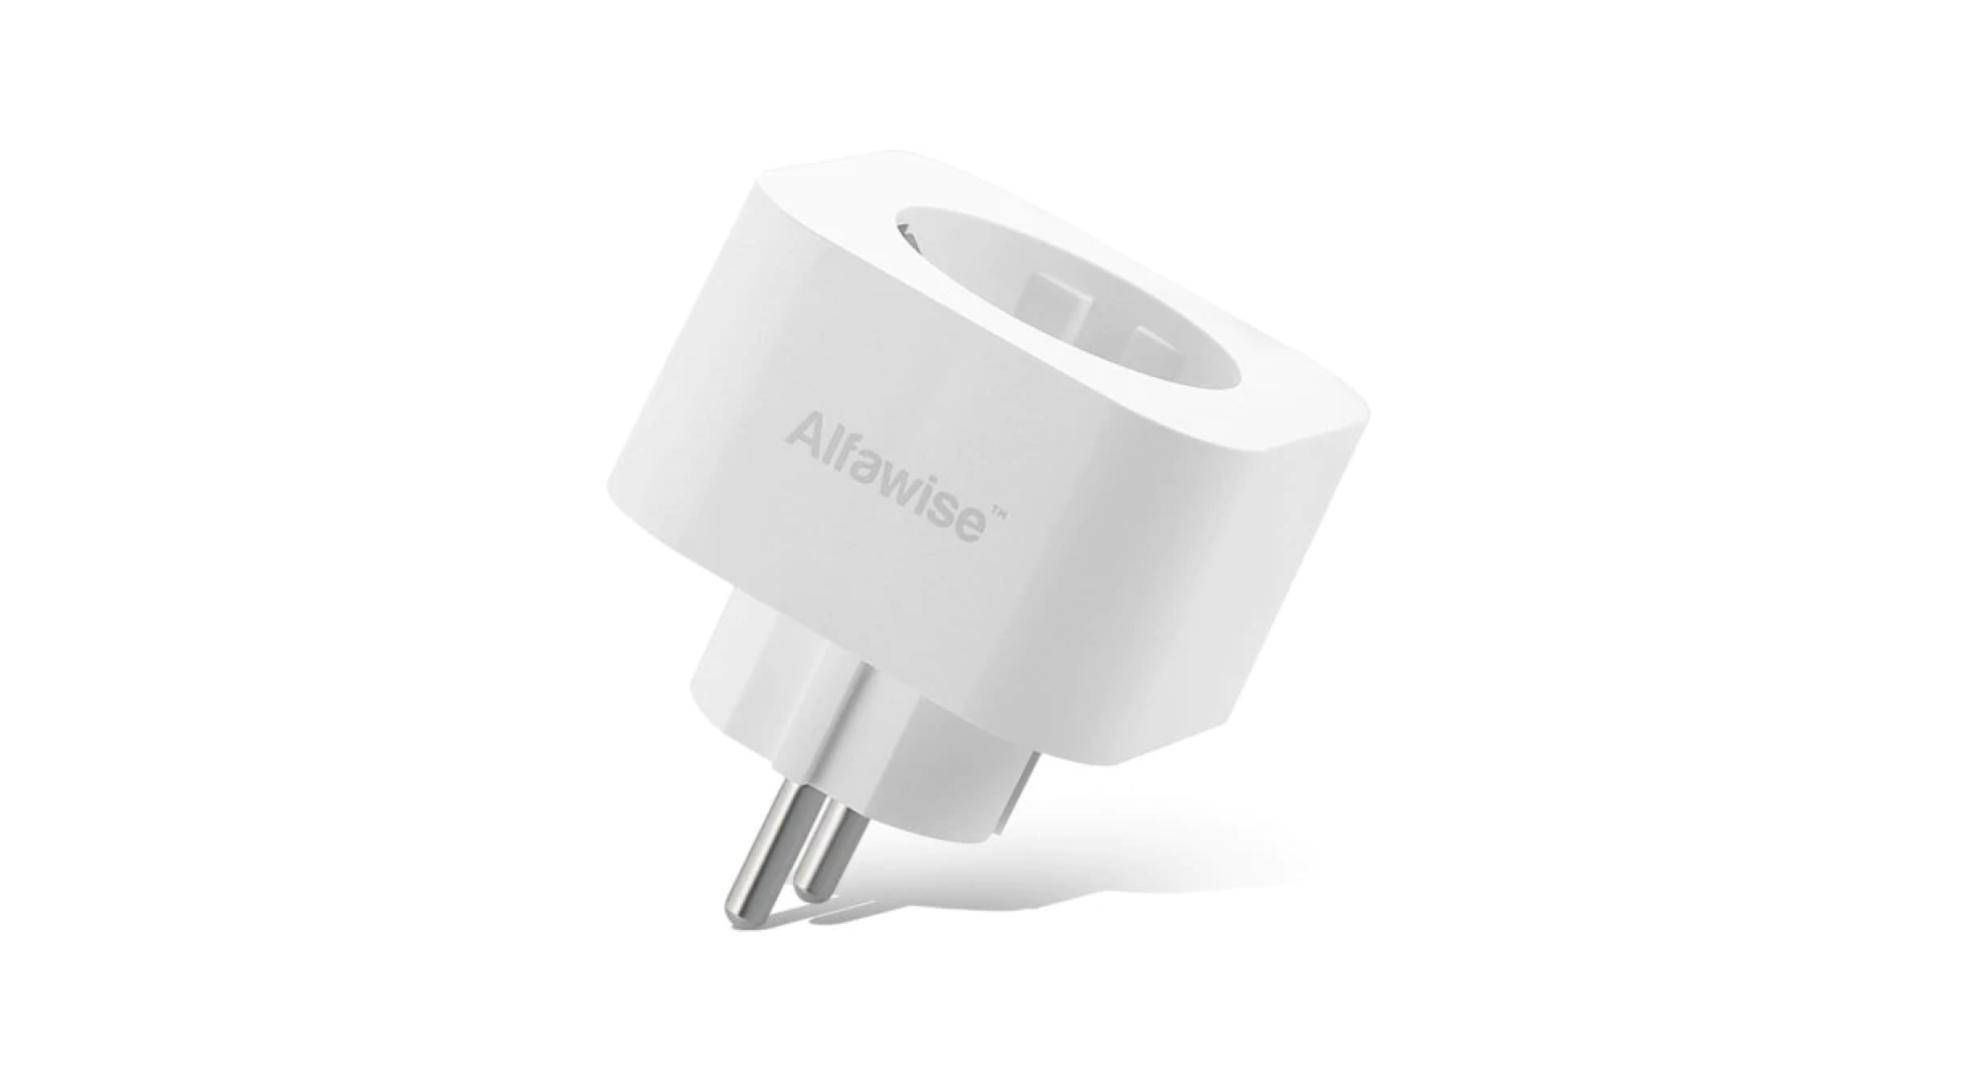 🔥 Bon plan : la prise connectée Alfawise (compatible Google Assistant et Alexa) est à moins de 10 euros